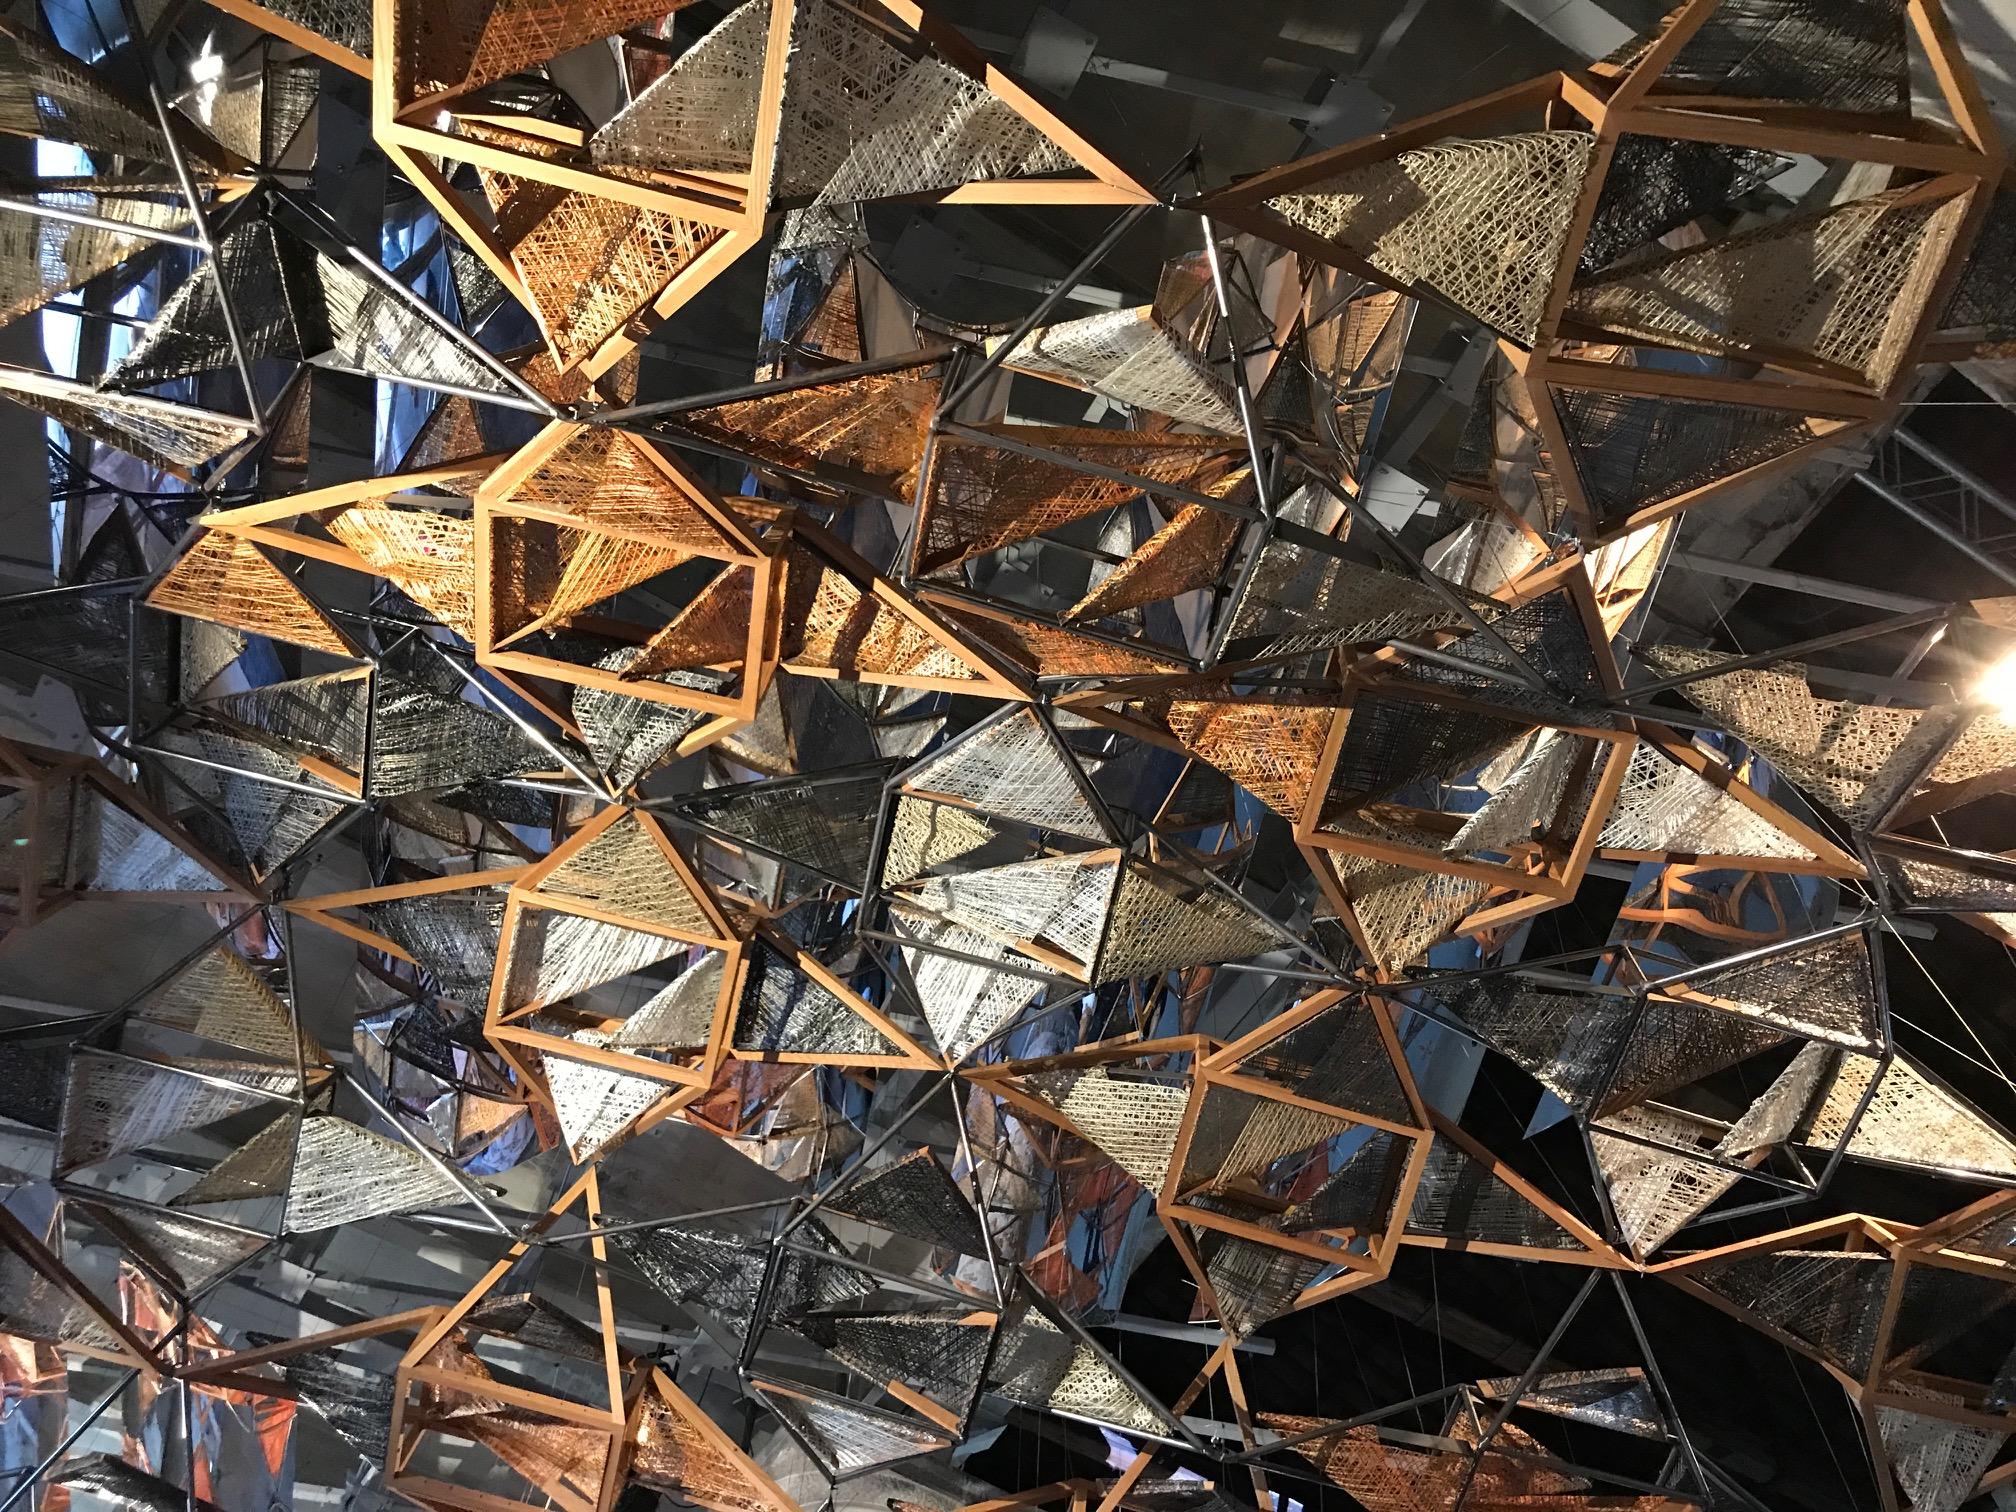 ヴェネツィア・ビエンナーレ国際建築展